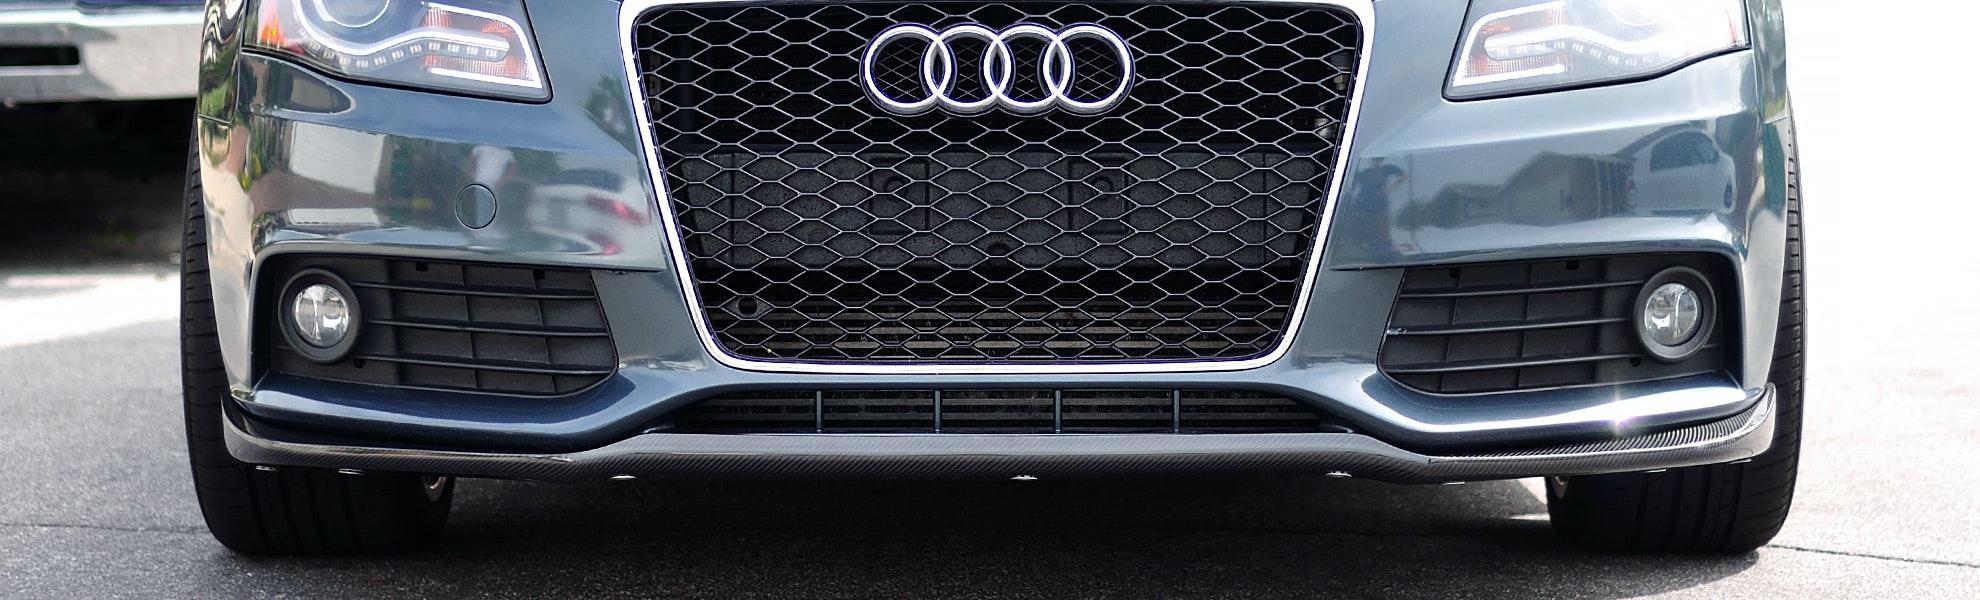 Audi Front Spoiler Lip